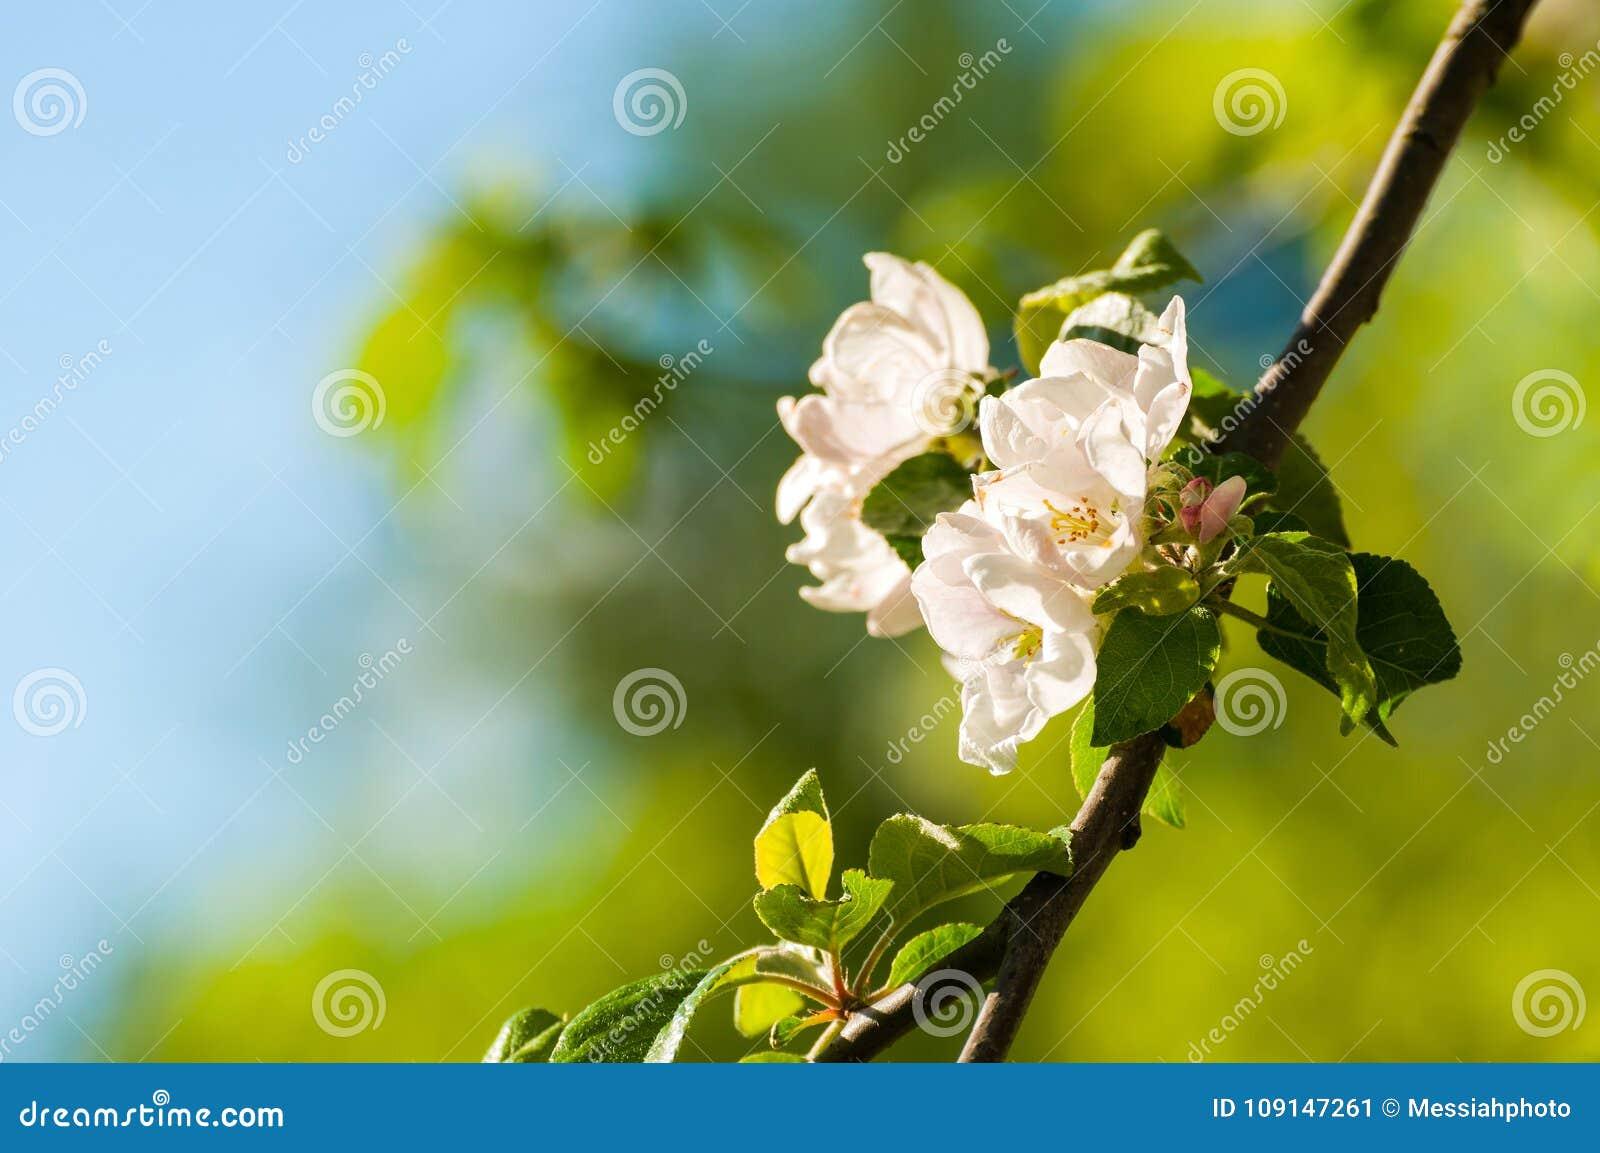 Spring Apple Flowers In The Garden Under Sunlight Spring Flower